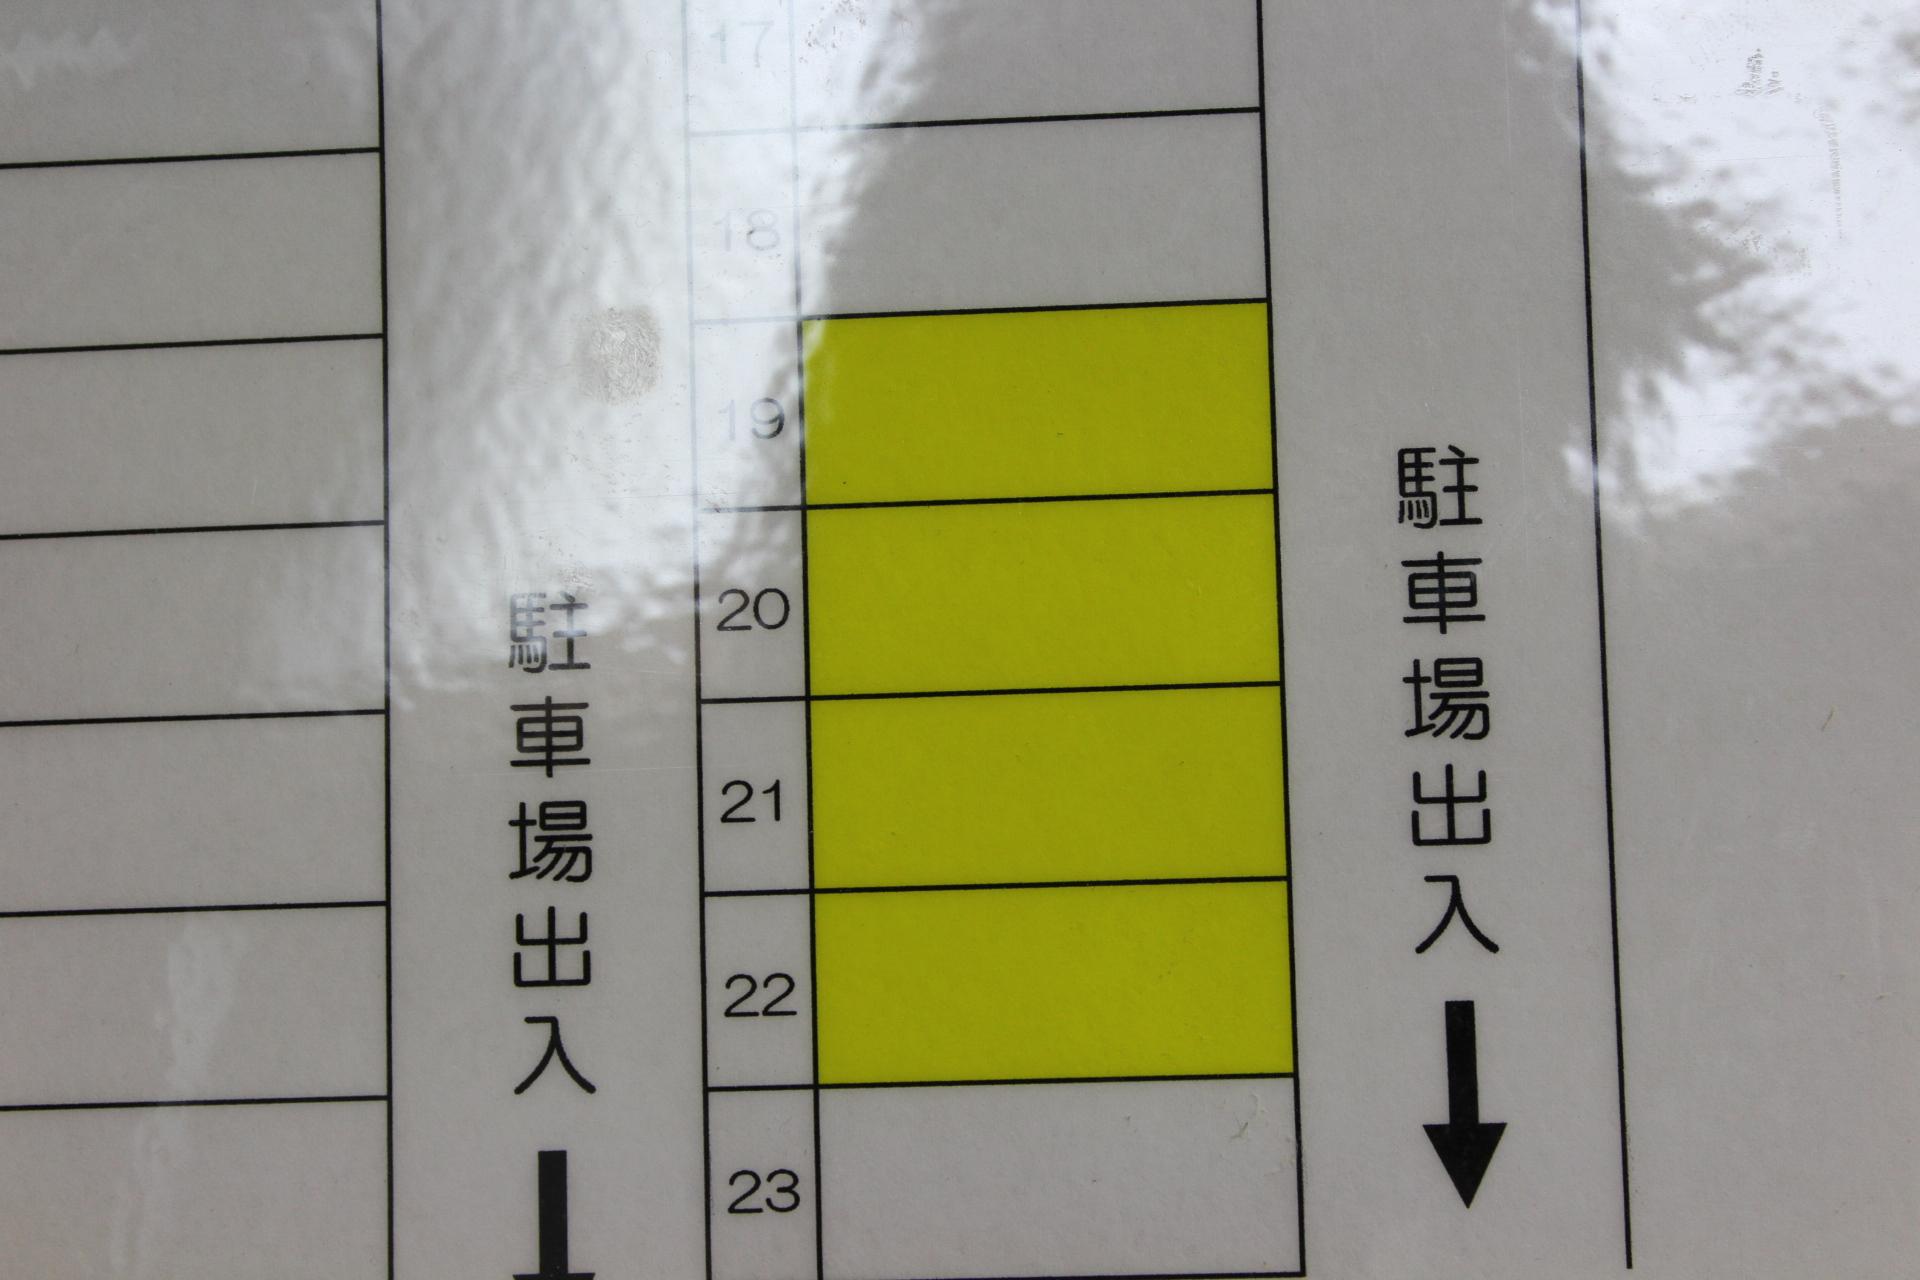 19番から22番までです。